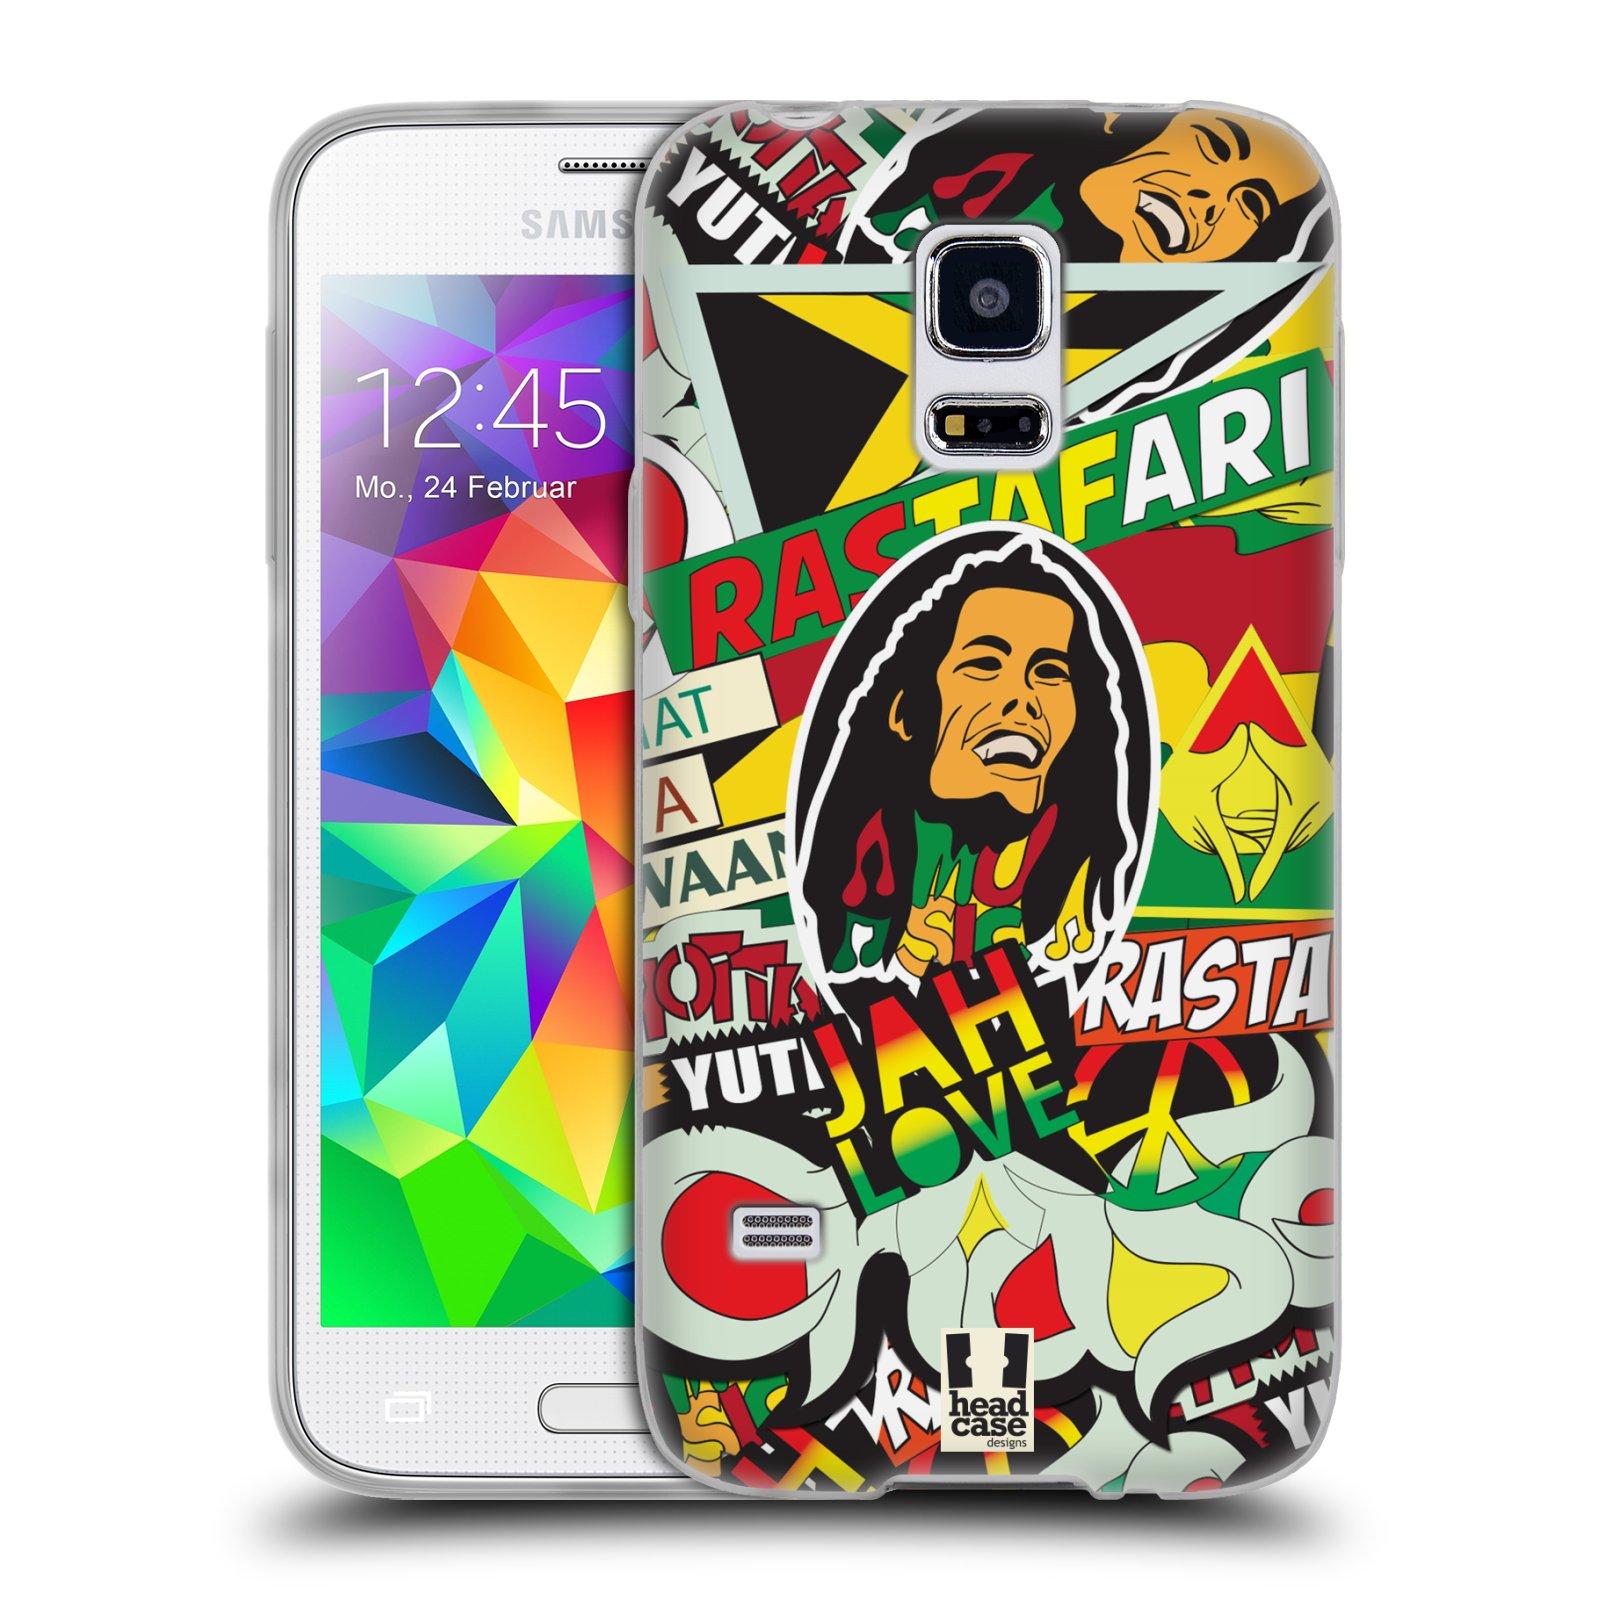 Silikonové pouzdro na mobil Samsung Galaxy S5 Mini HEAD CASE RASTA (Silikonový kryt či obal na mobilní telefon Samsung Galaxy S5 Mini SM-G800F)